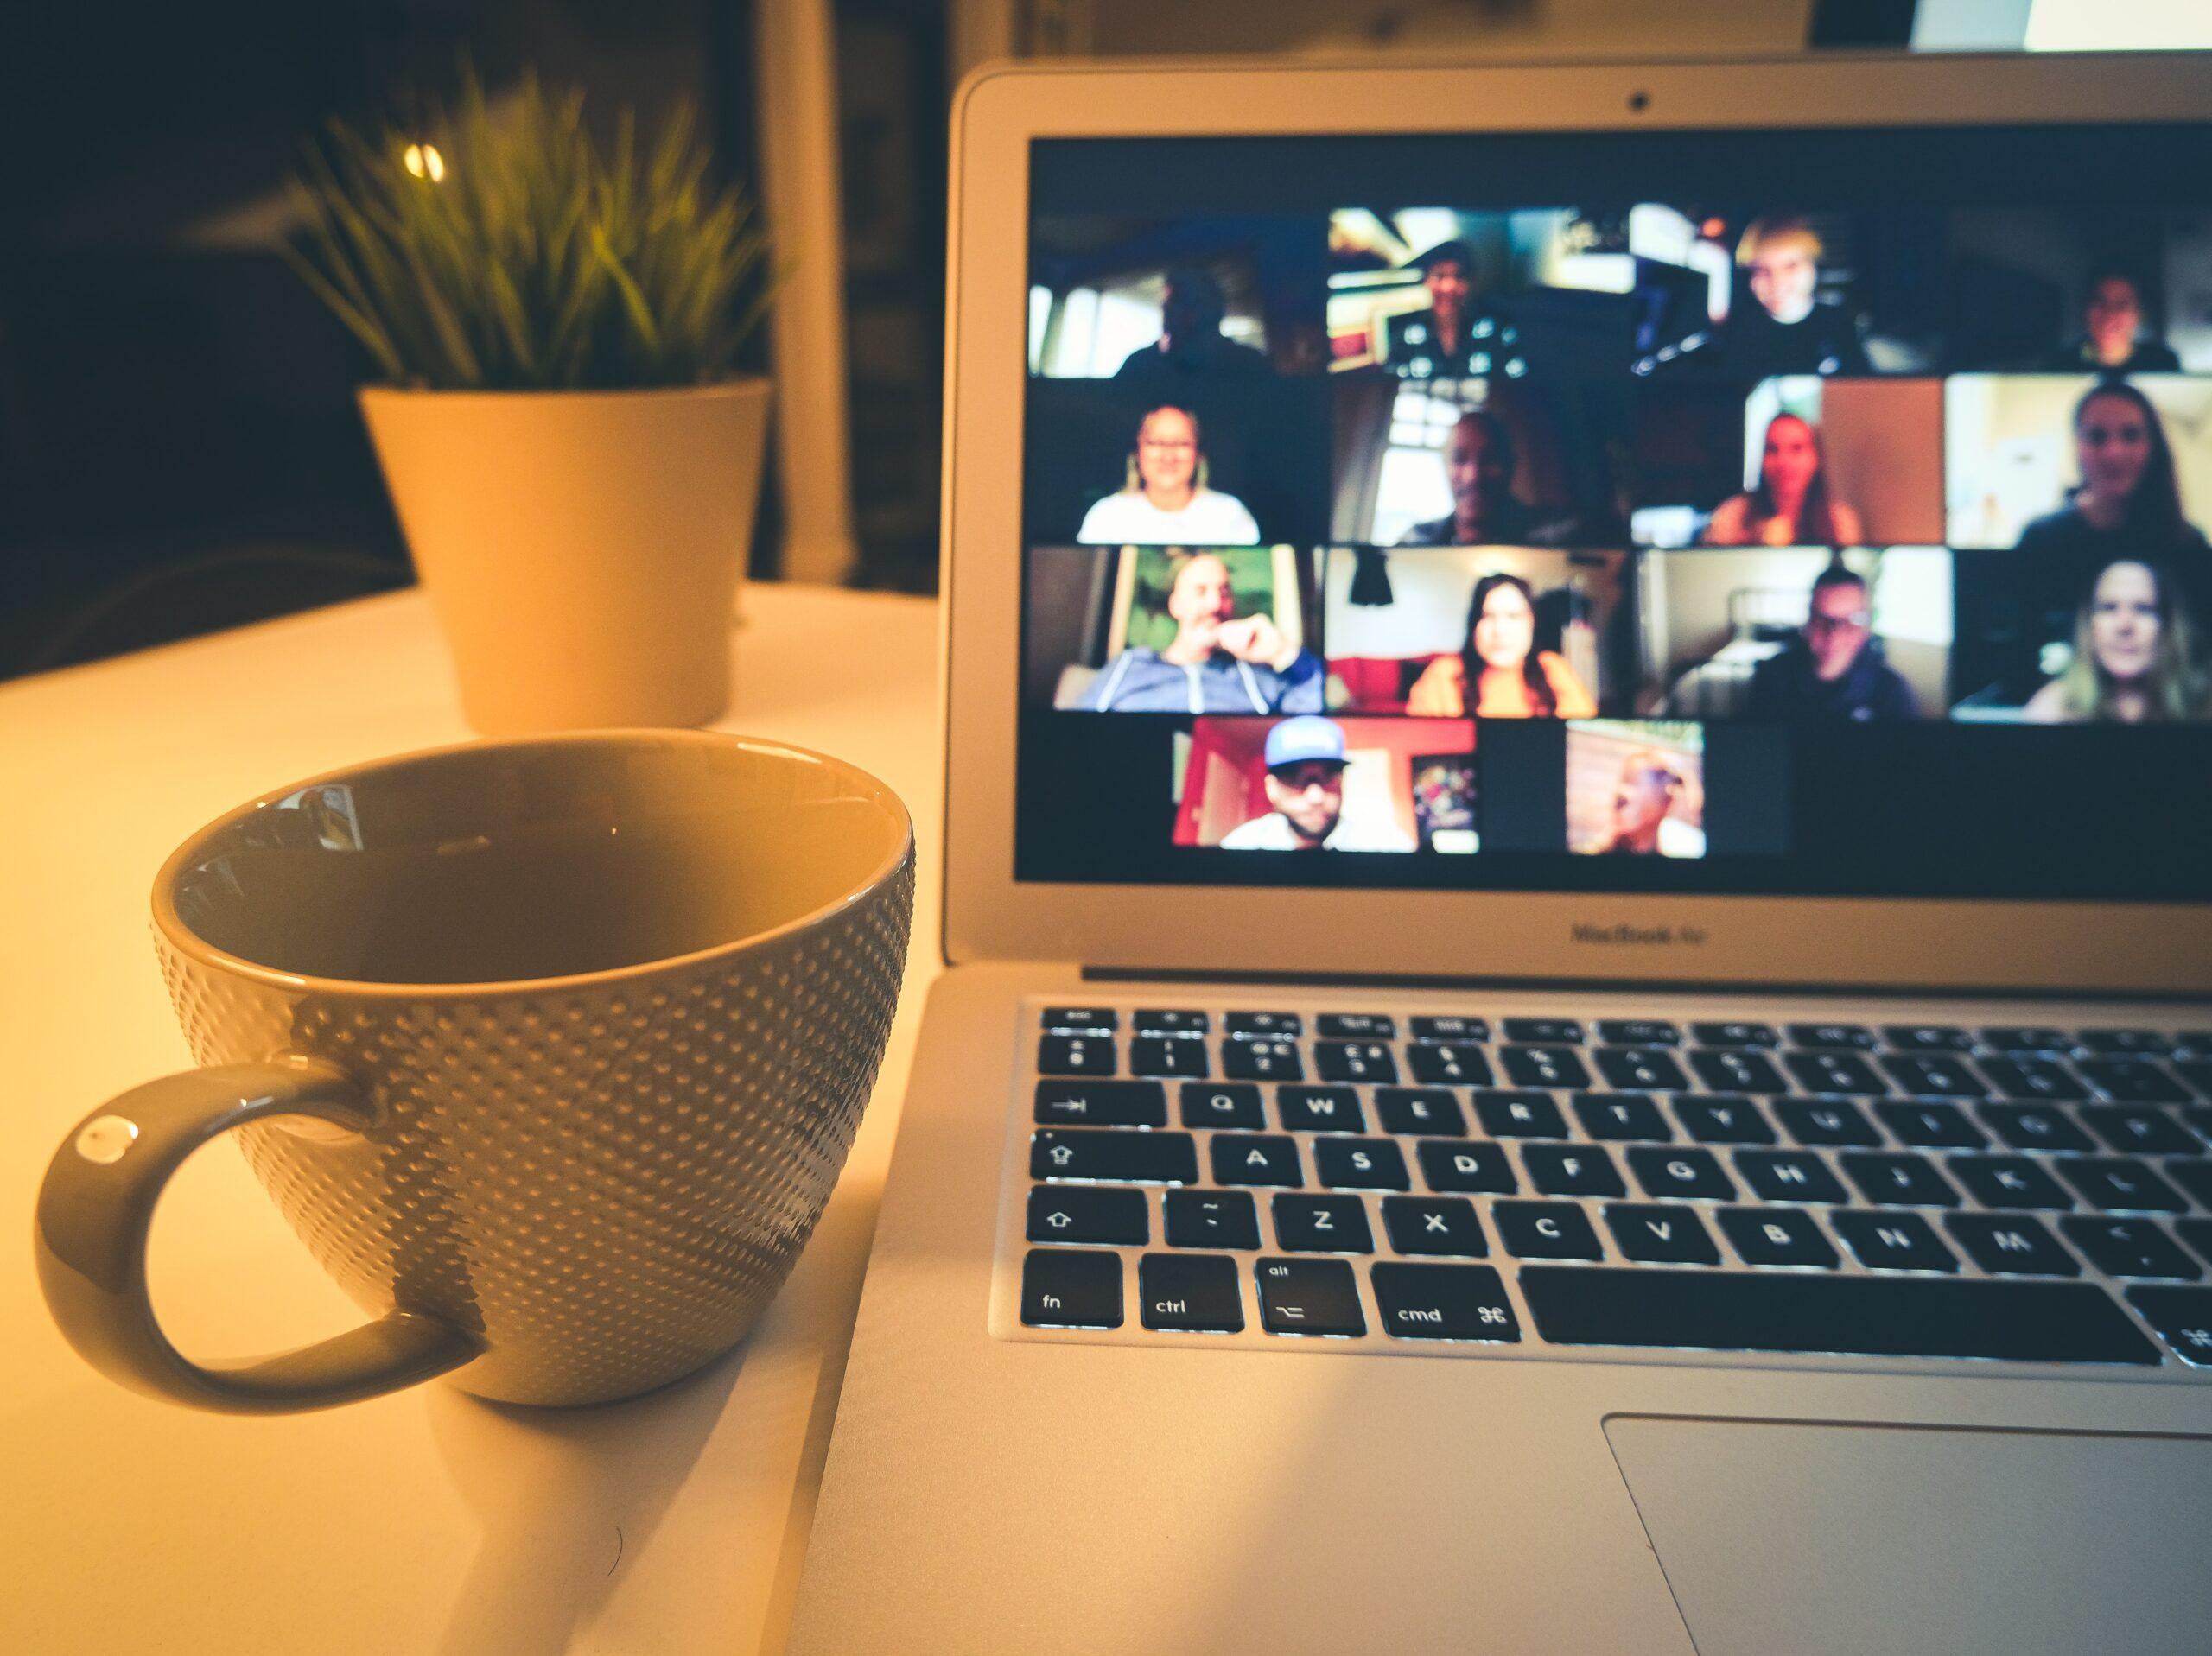 Videochamada do Zoom em um MacBook Air